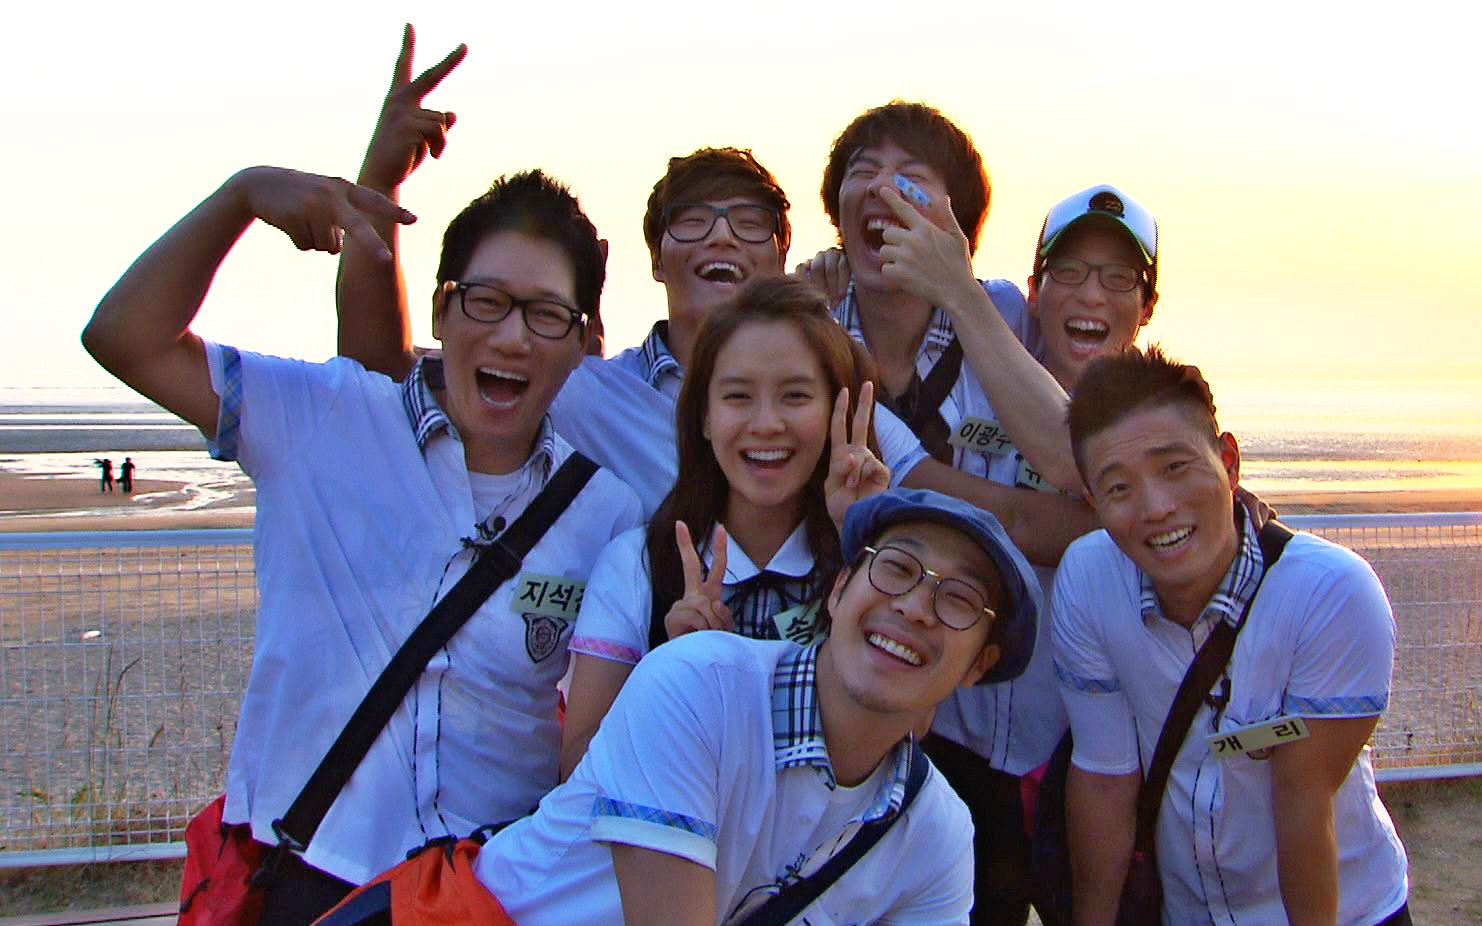 runningman李光洙穿着橙色羽绒服,带着荧光绿帽子是哪图片